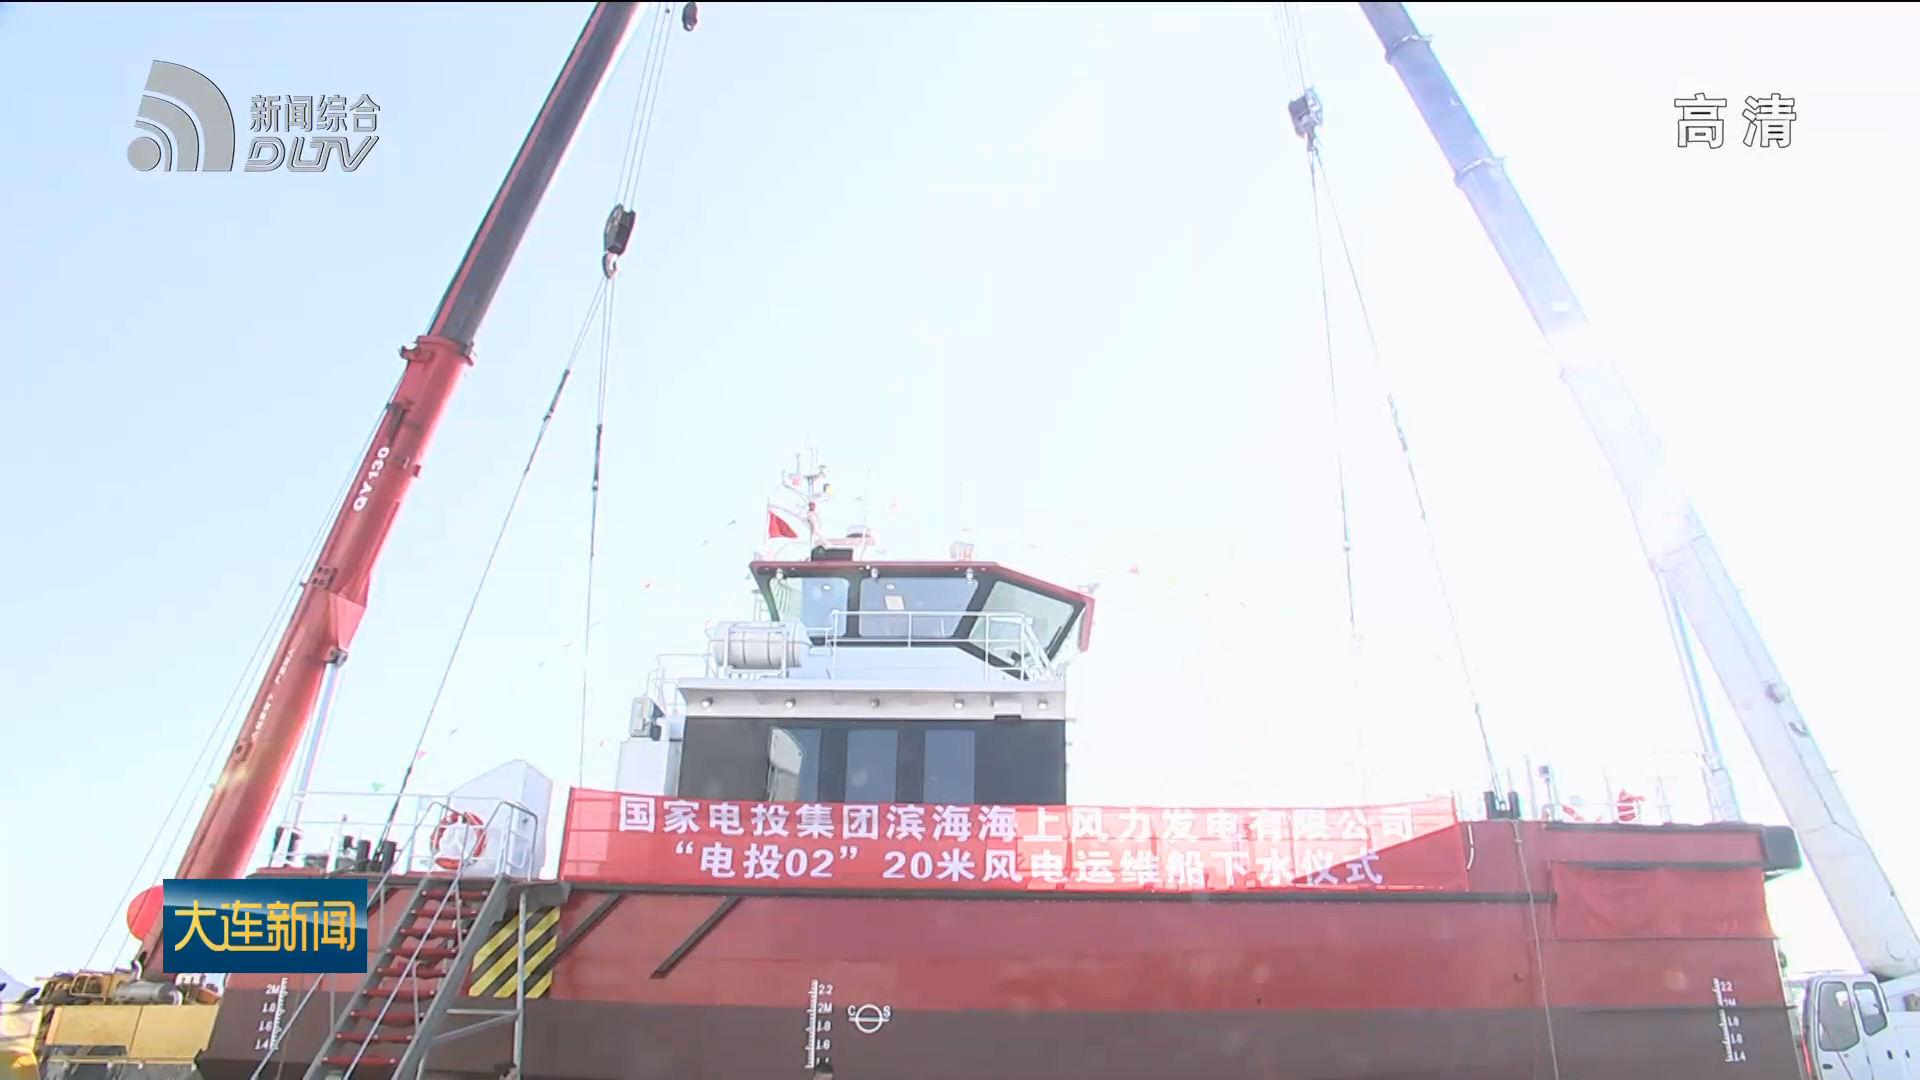 国内新一代海上风电运维船在连交付